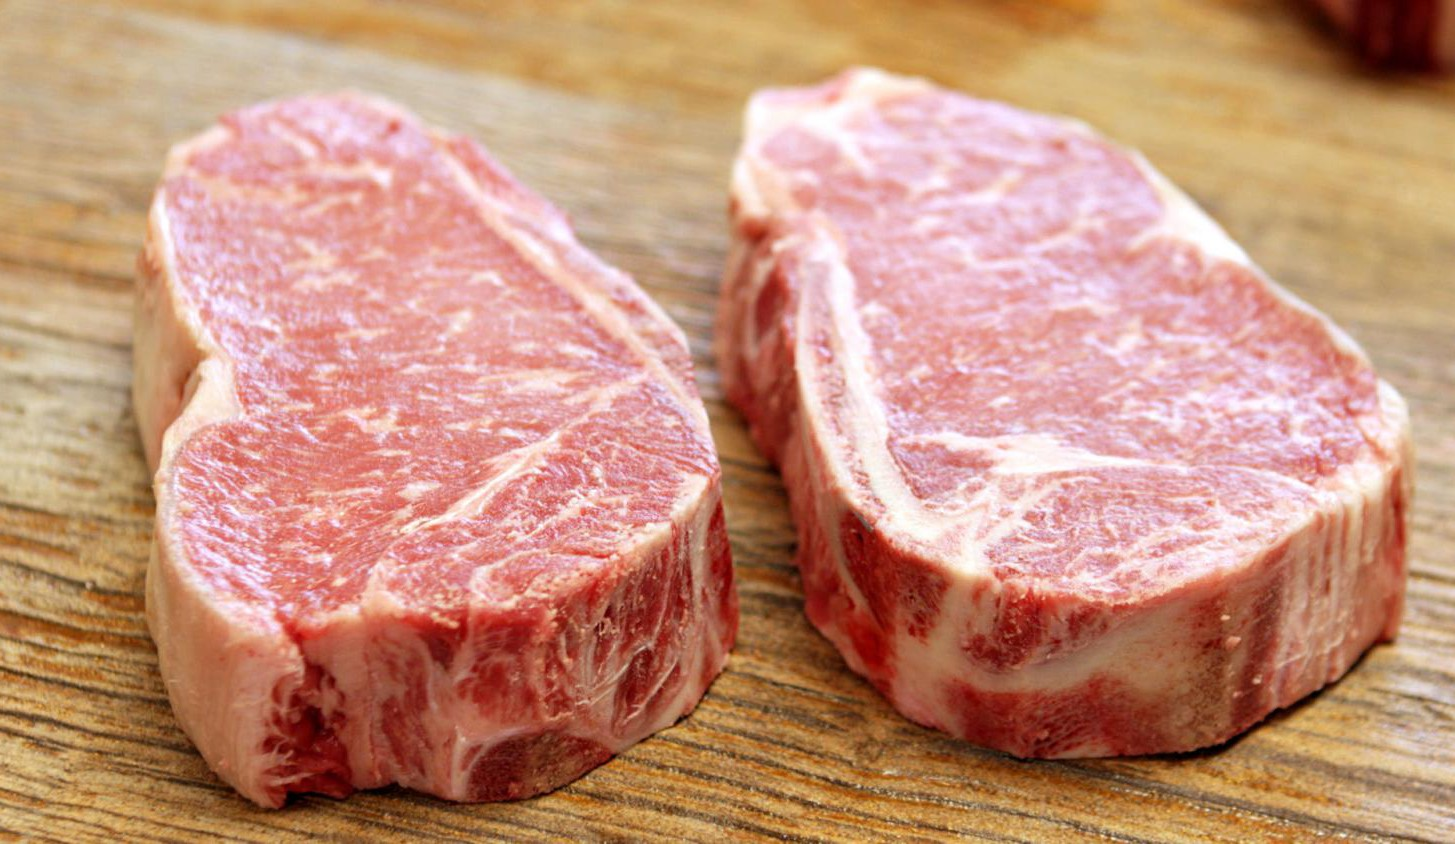 Kochkurs Kobe Beef in Nürnberg